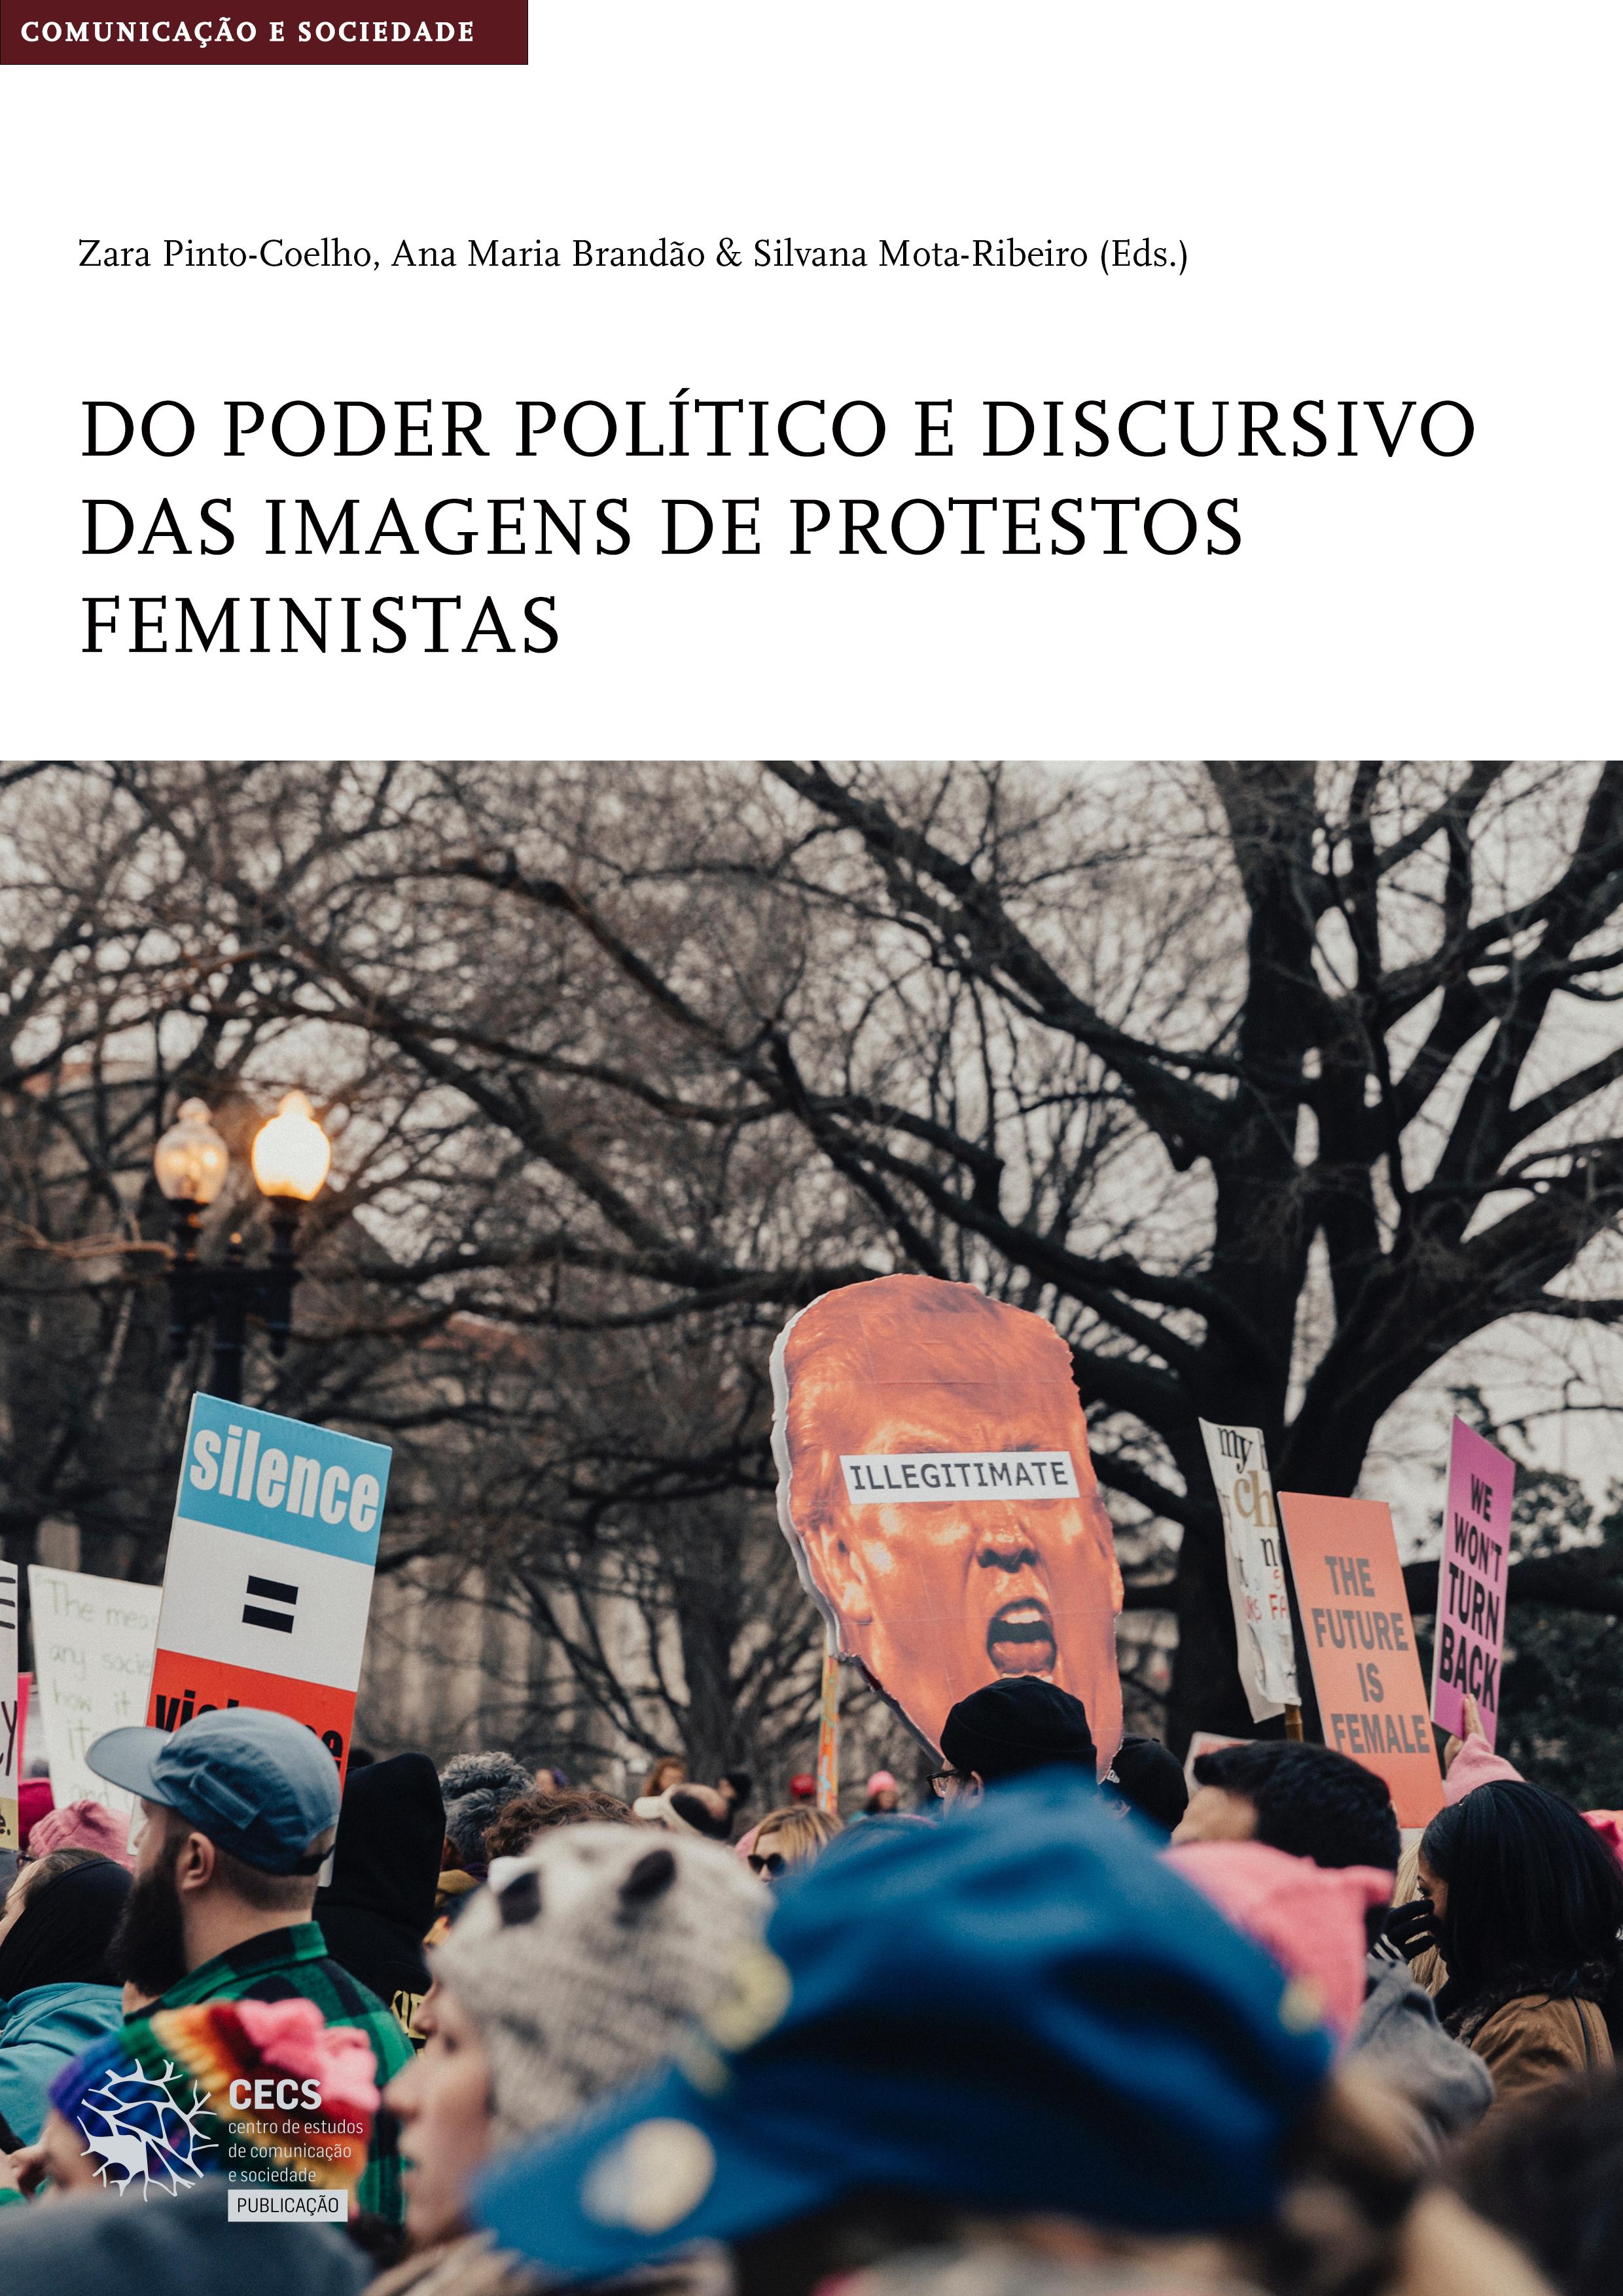 Nova publicação sobre o poder político e discursivo das imagens de protestos feministas